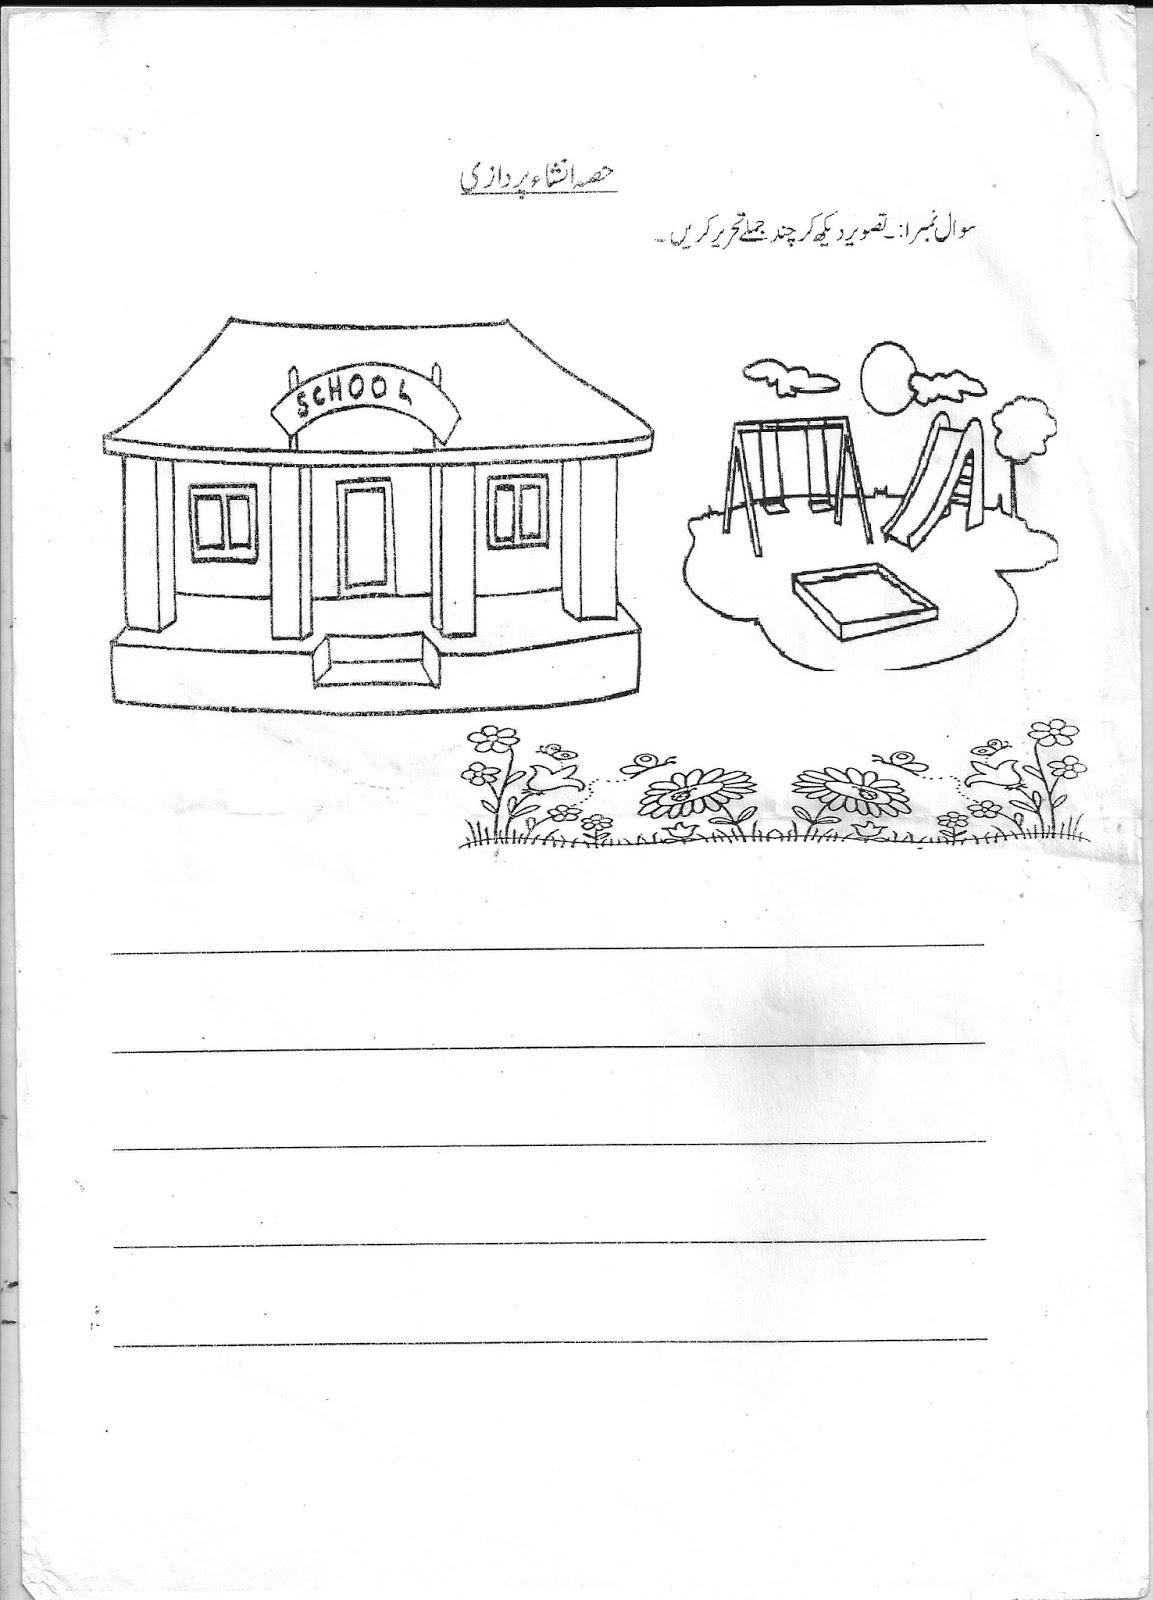 Urdu Worksheets For Grade 1